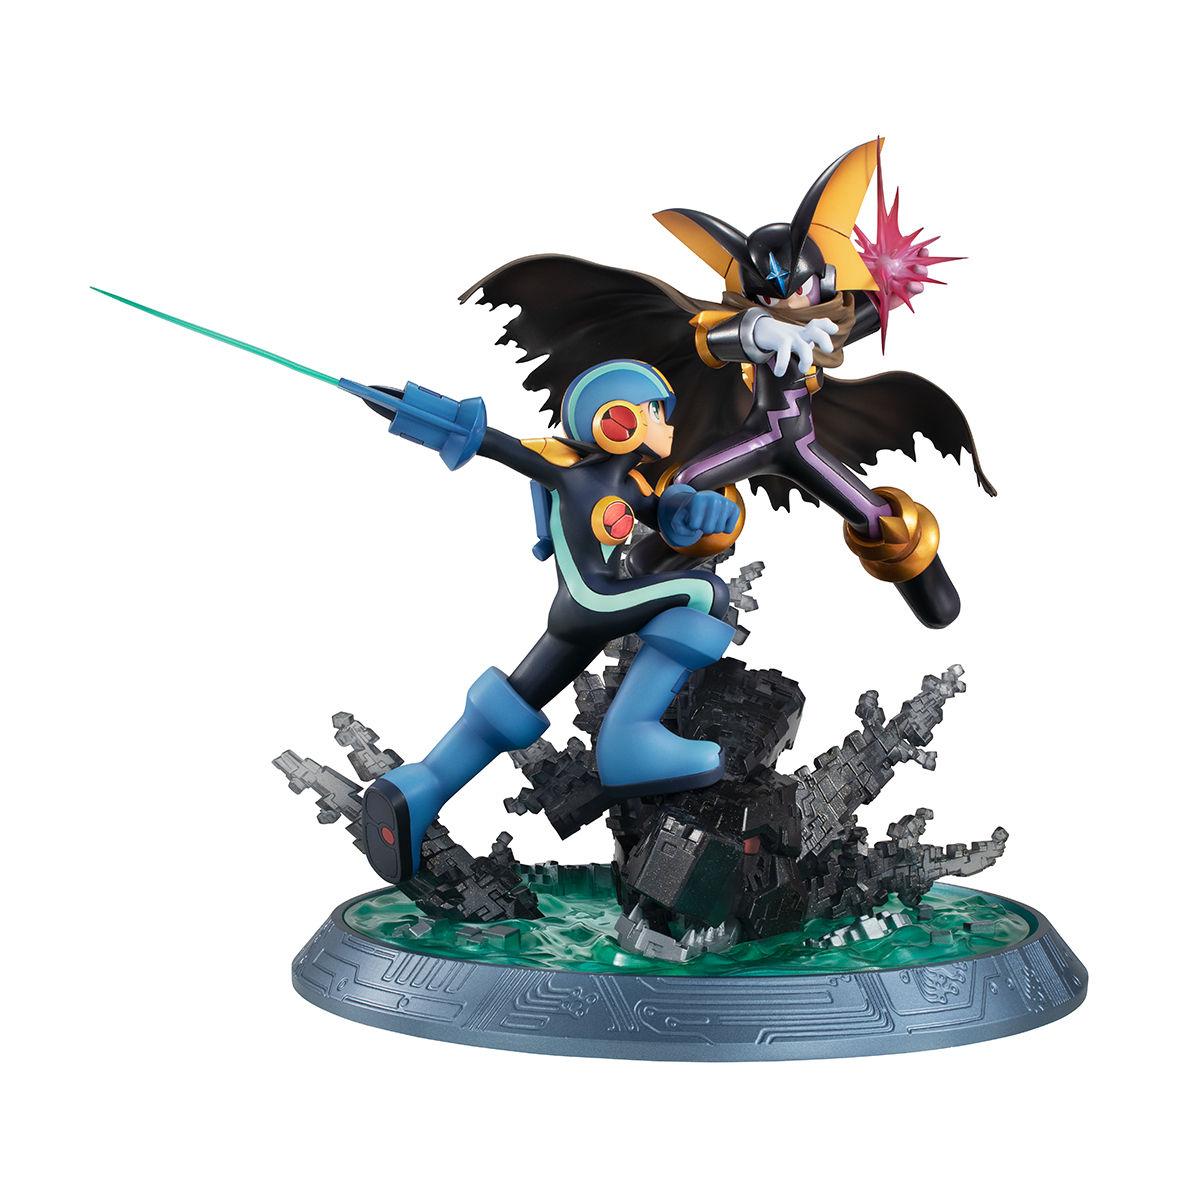 【限定販売】ゲームキャラクターズコレクションDX『ロックマン vs フォルテ』完成品フィギュア-003